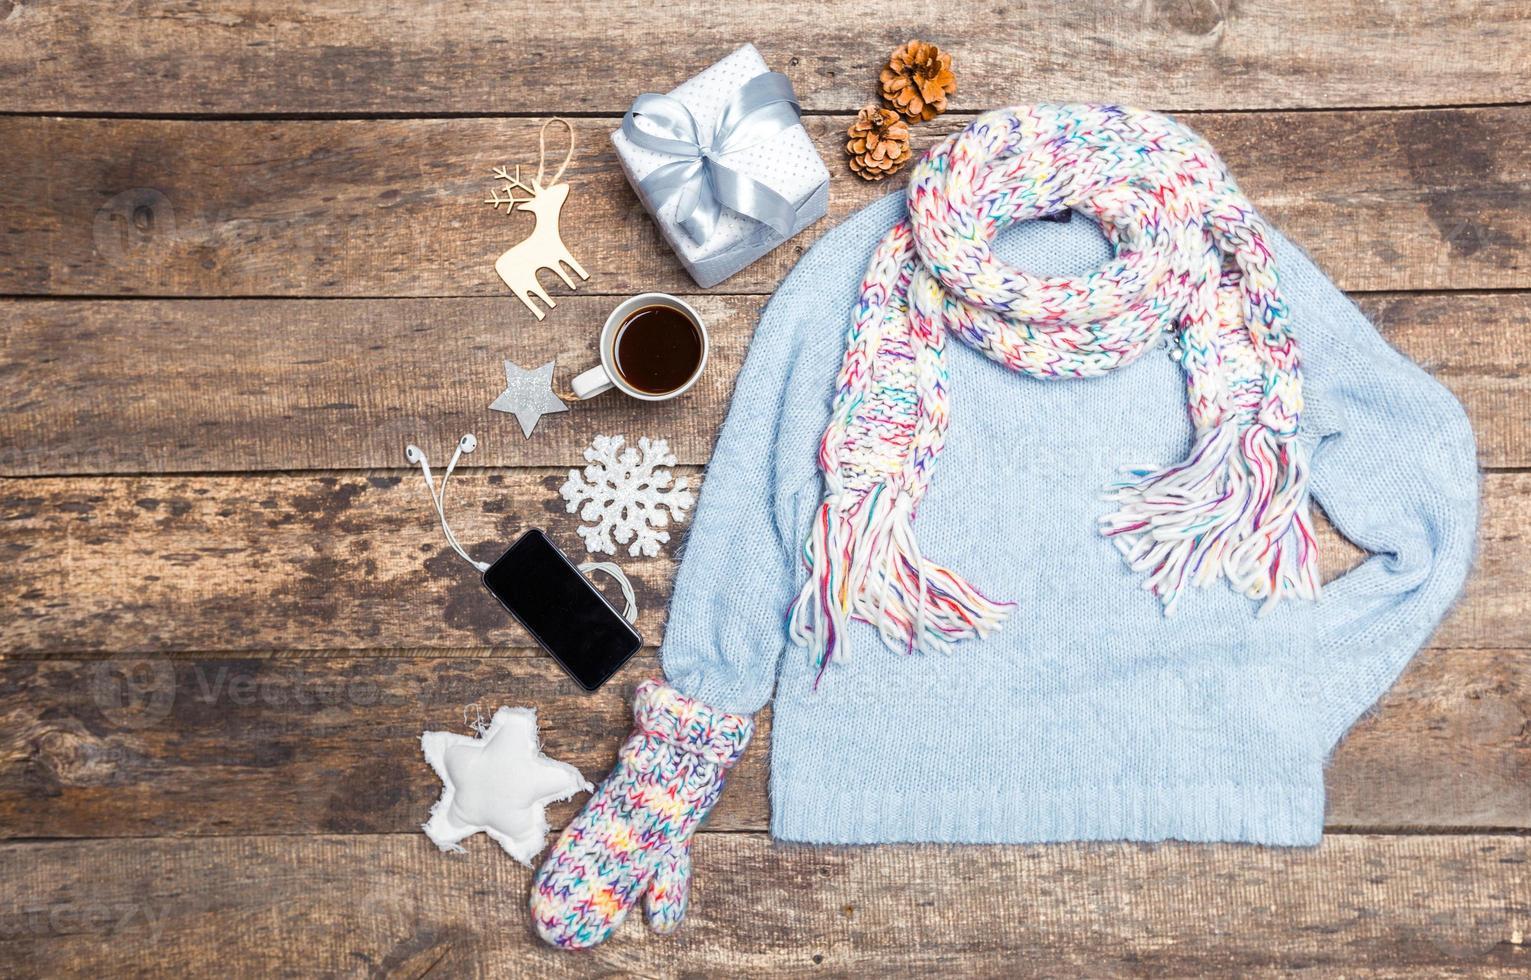 Winterkleidung auf hölzernem Hintergrund. foto